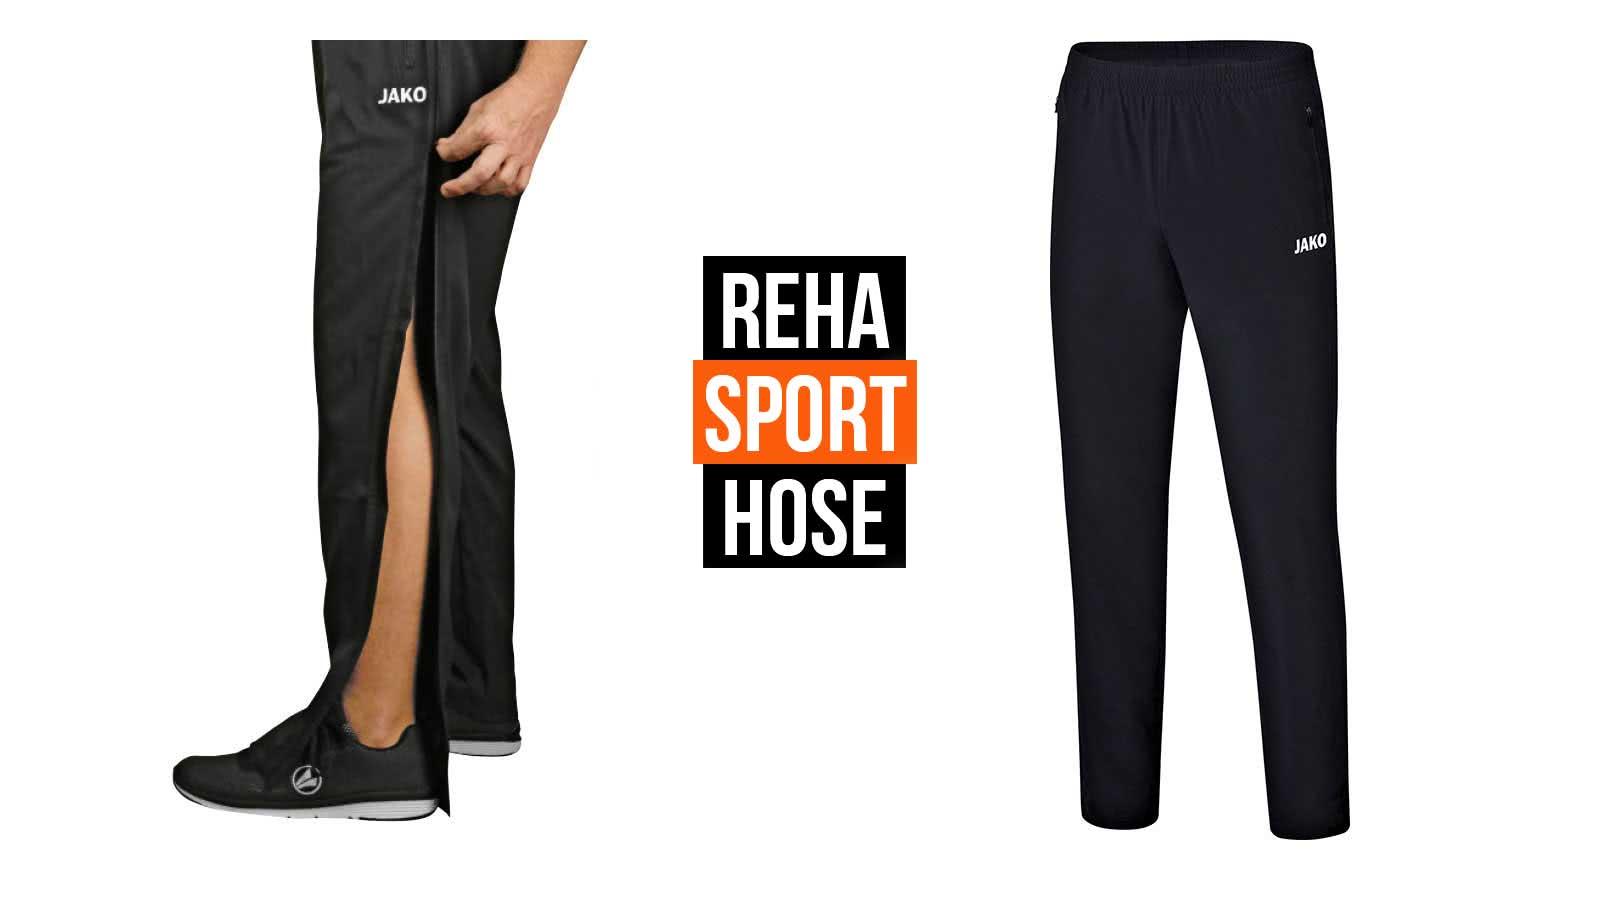 Geschäft der Verkauf von Schuhen auf Füßen Aufnahmen von Die perfekte Hose für die Reha! Damen + Herren | Sporthose